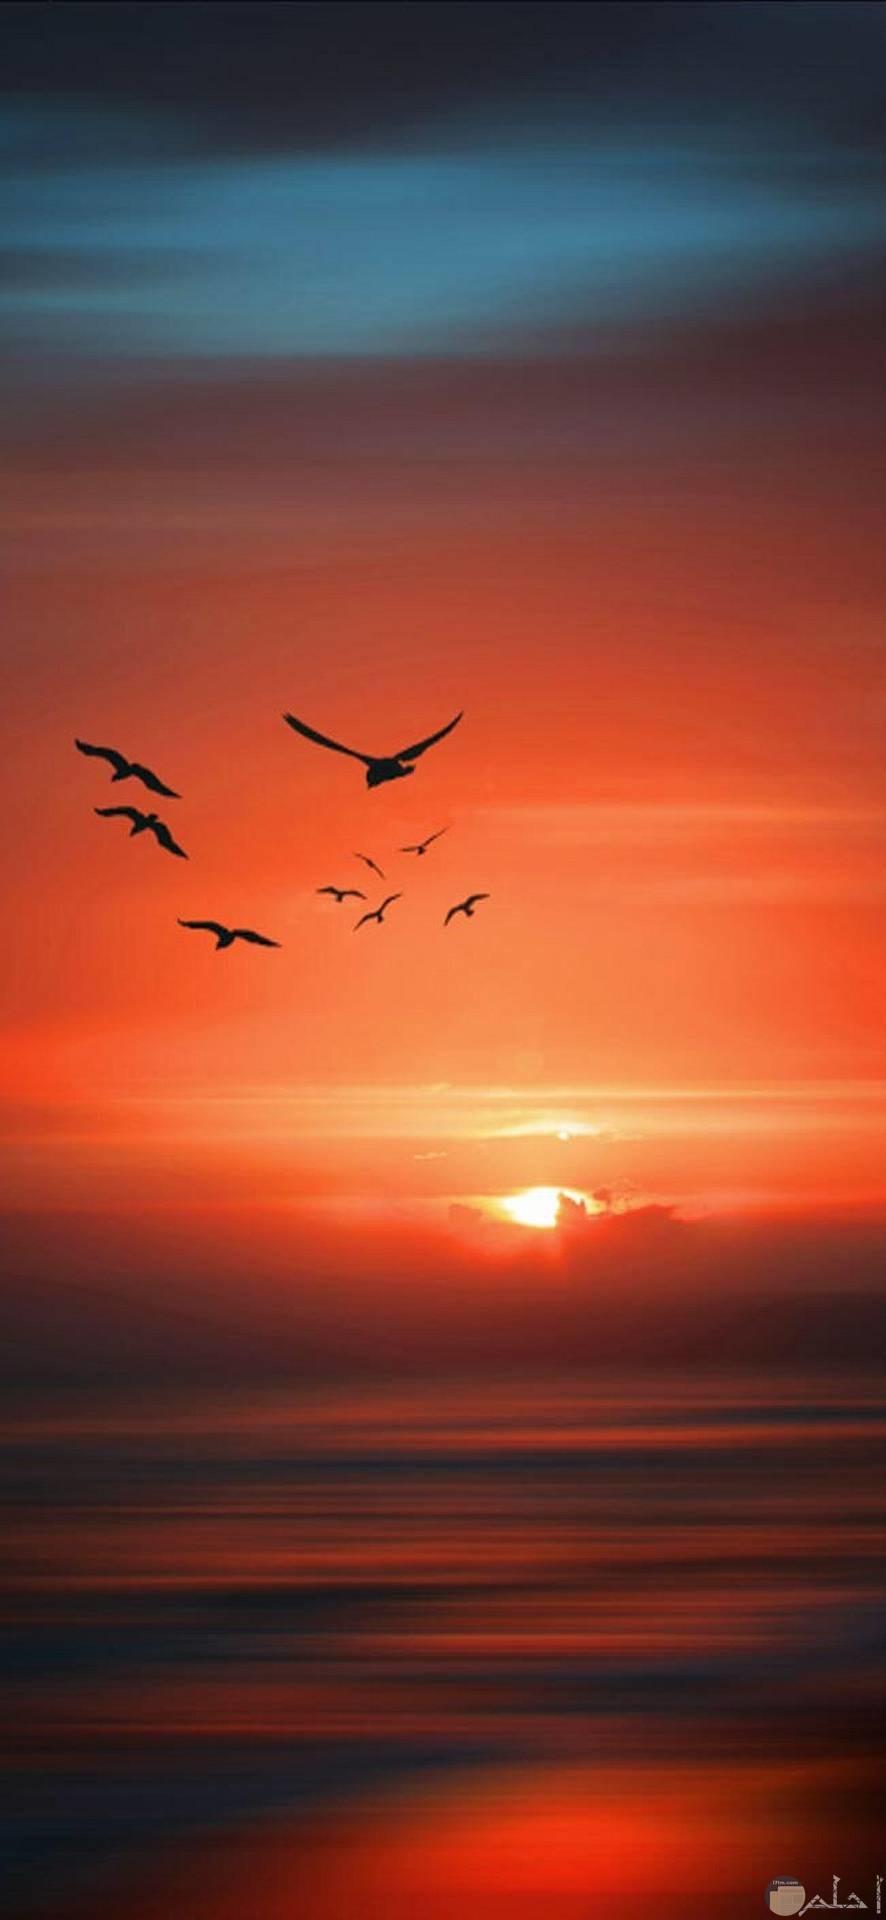 صور عميقة مدهشة لجمال الطيور وغروب الشمس